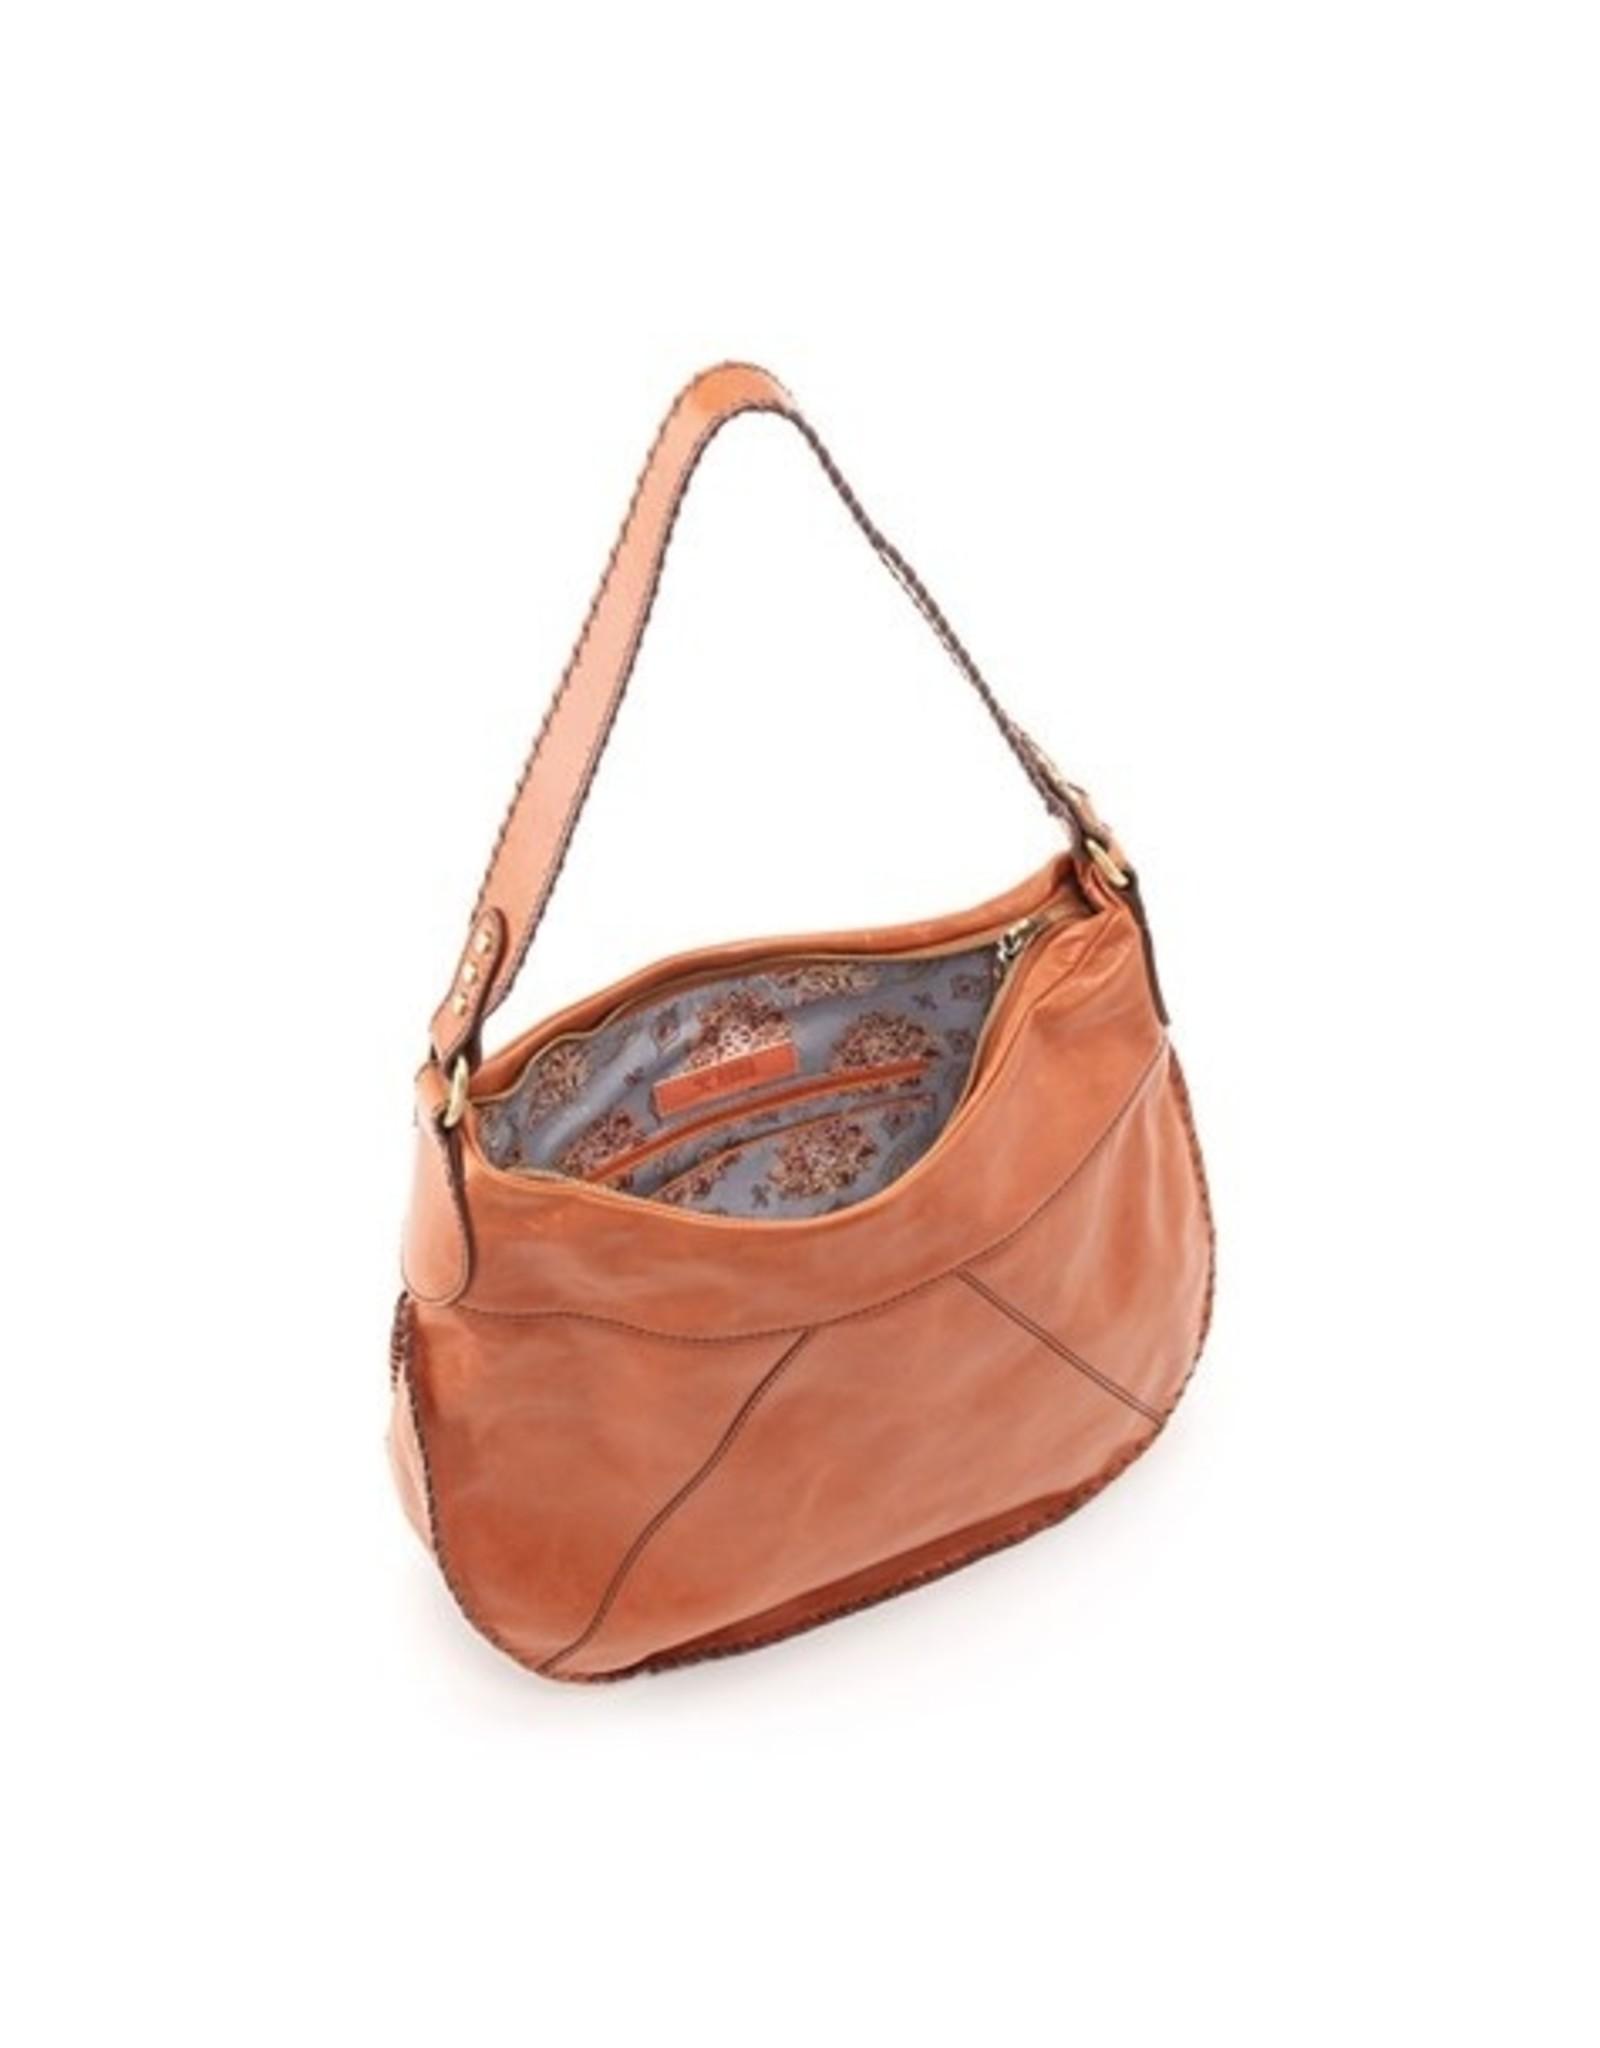 Hobo Int'l/Urban Oxide Dharma Leather Shoulder Bag